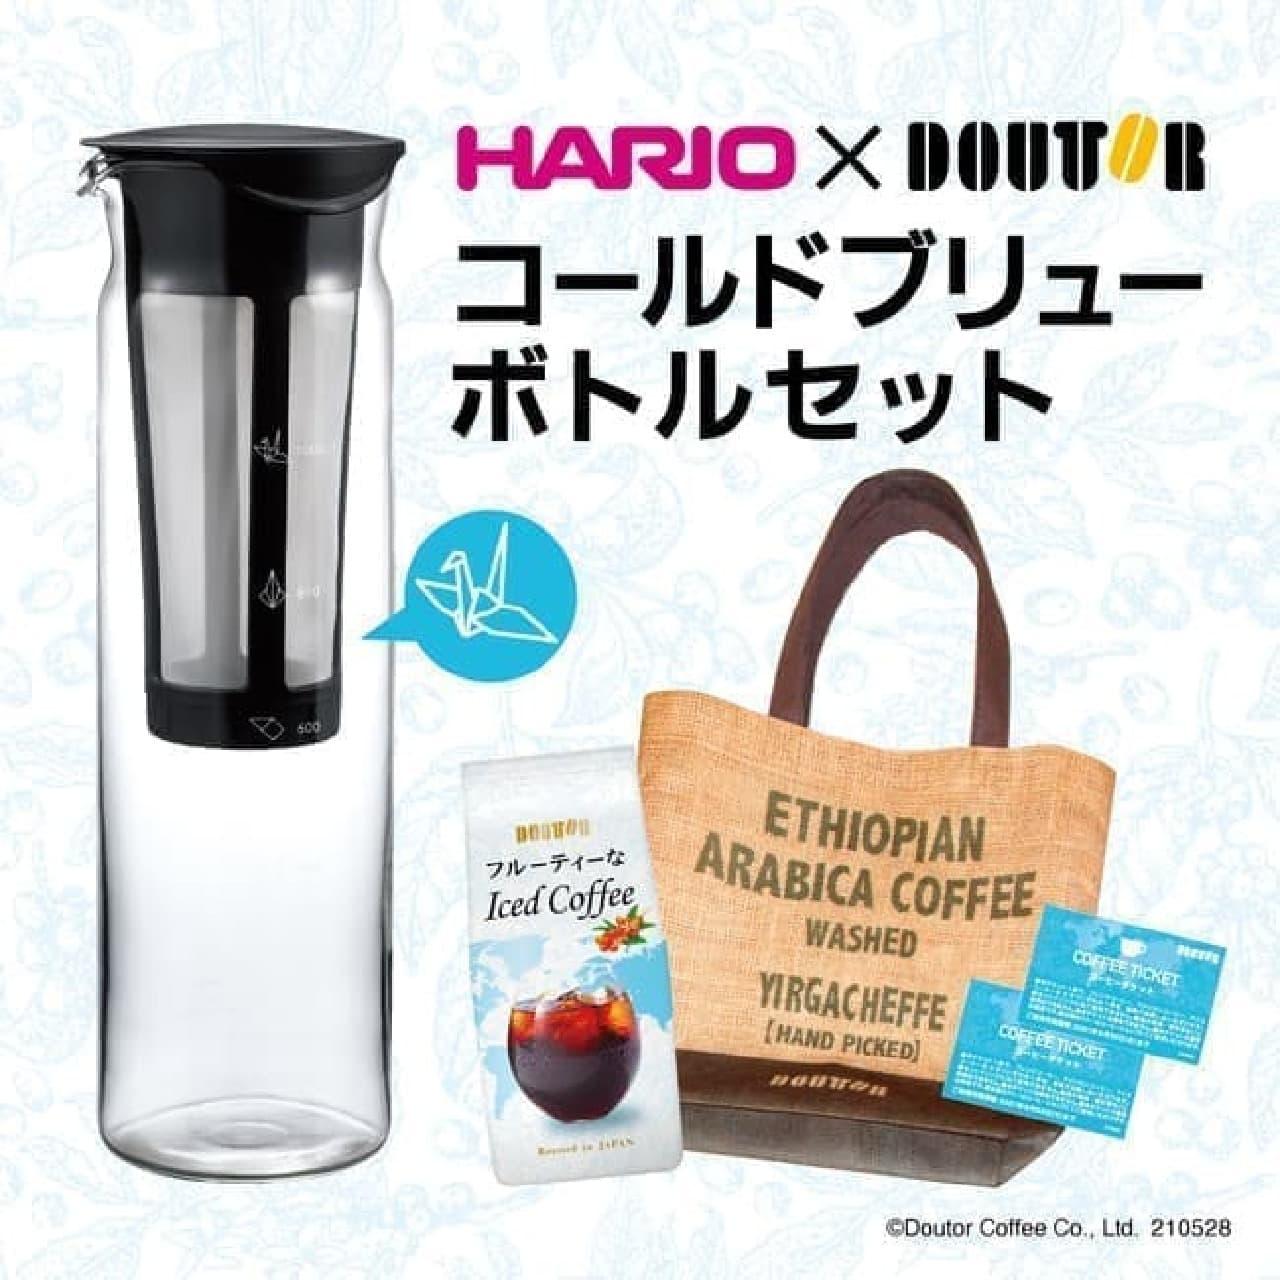 【ドトール】麻袋風バッグのプレゼント企画!HARIO「コールドブリューボトル」セット商品も